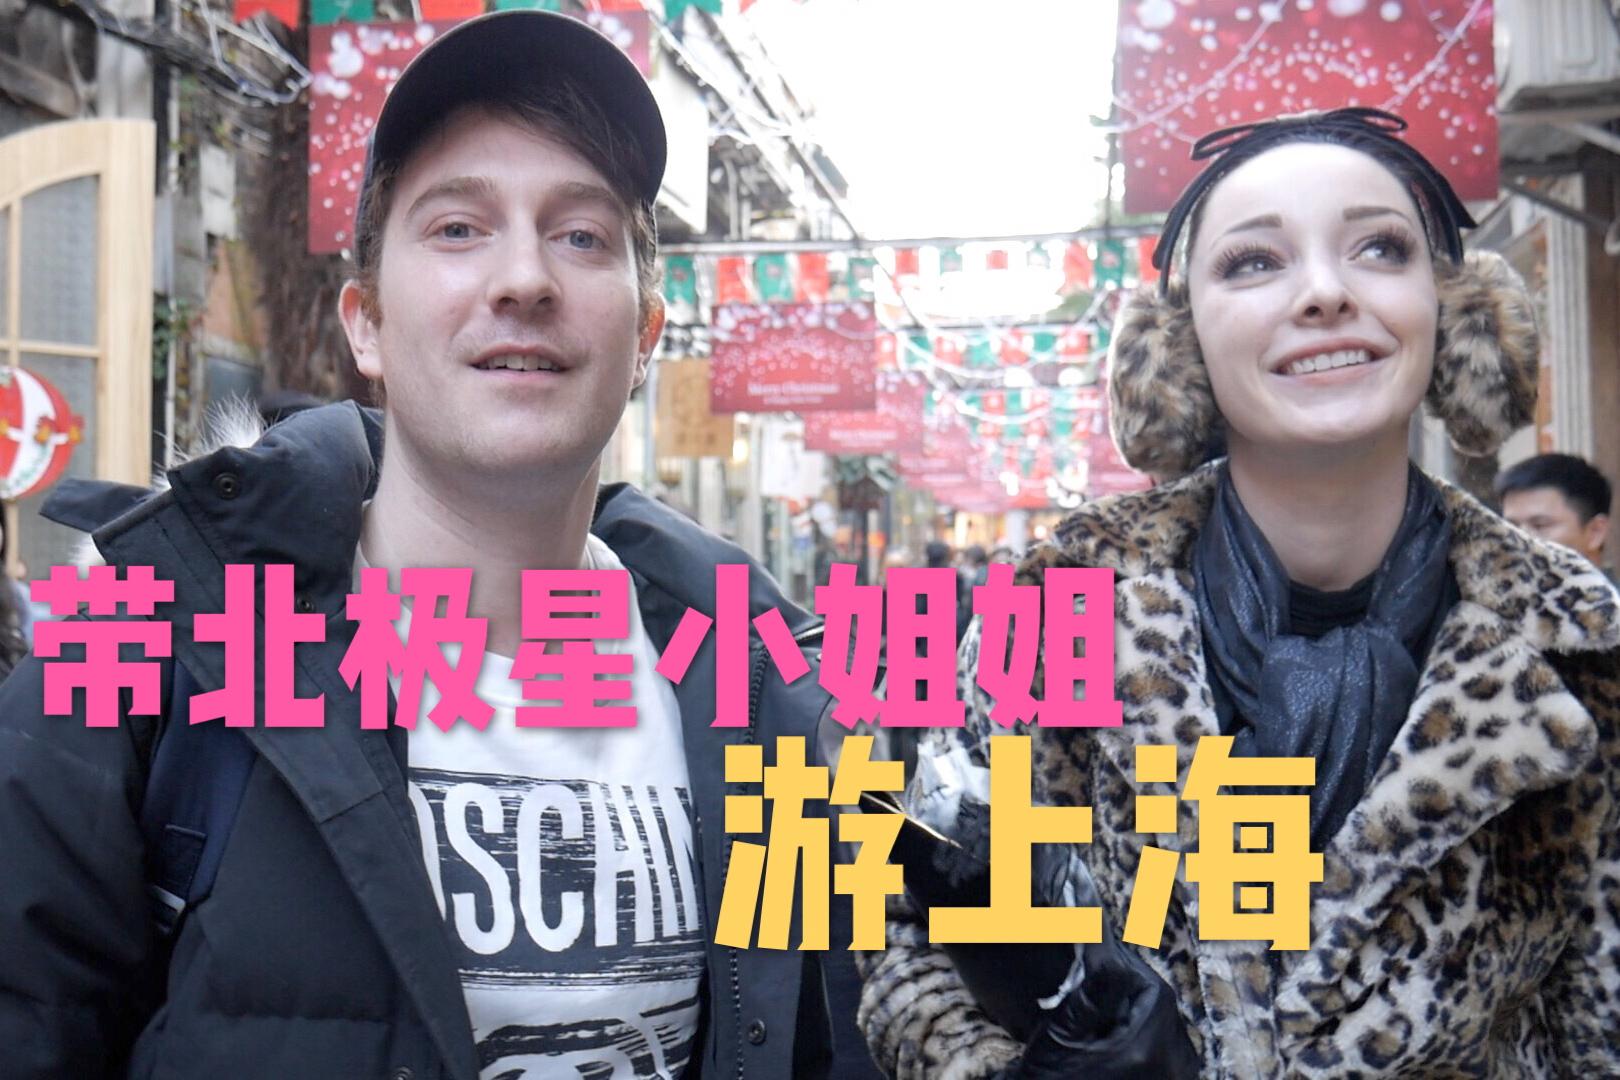 带北极星小姐姐游上海,挑战亚洲蹲和绕口令!